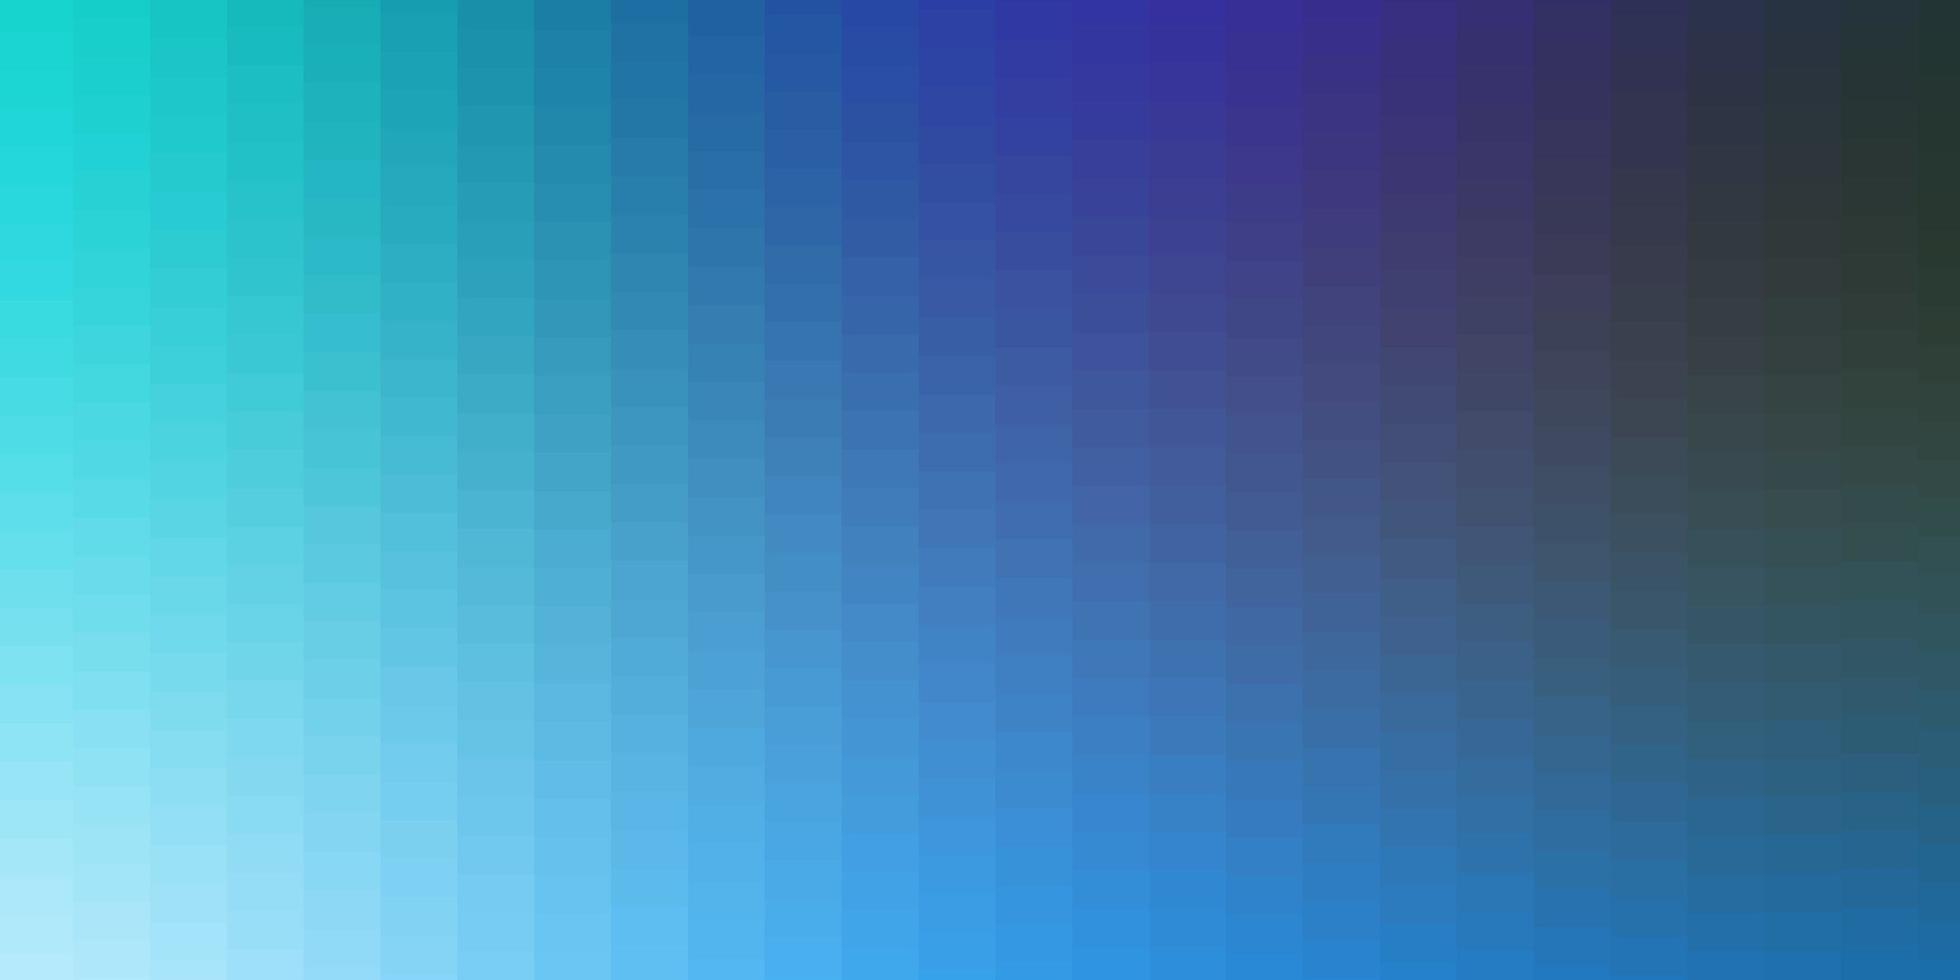 lichtblauwe, groene vectorlay-out met lijnen, rechthoeken. vector